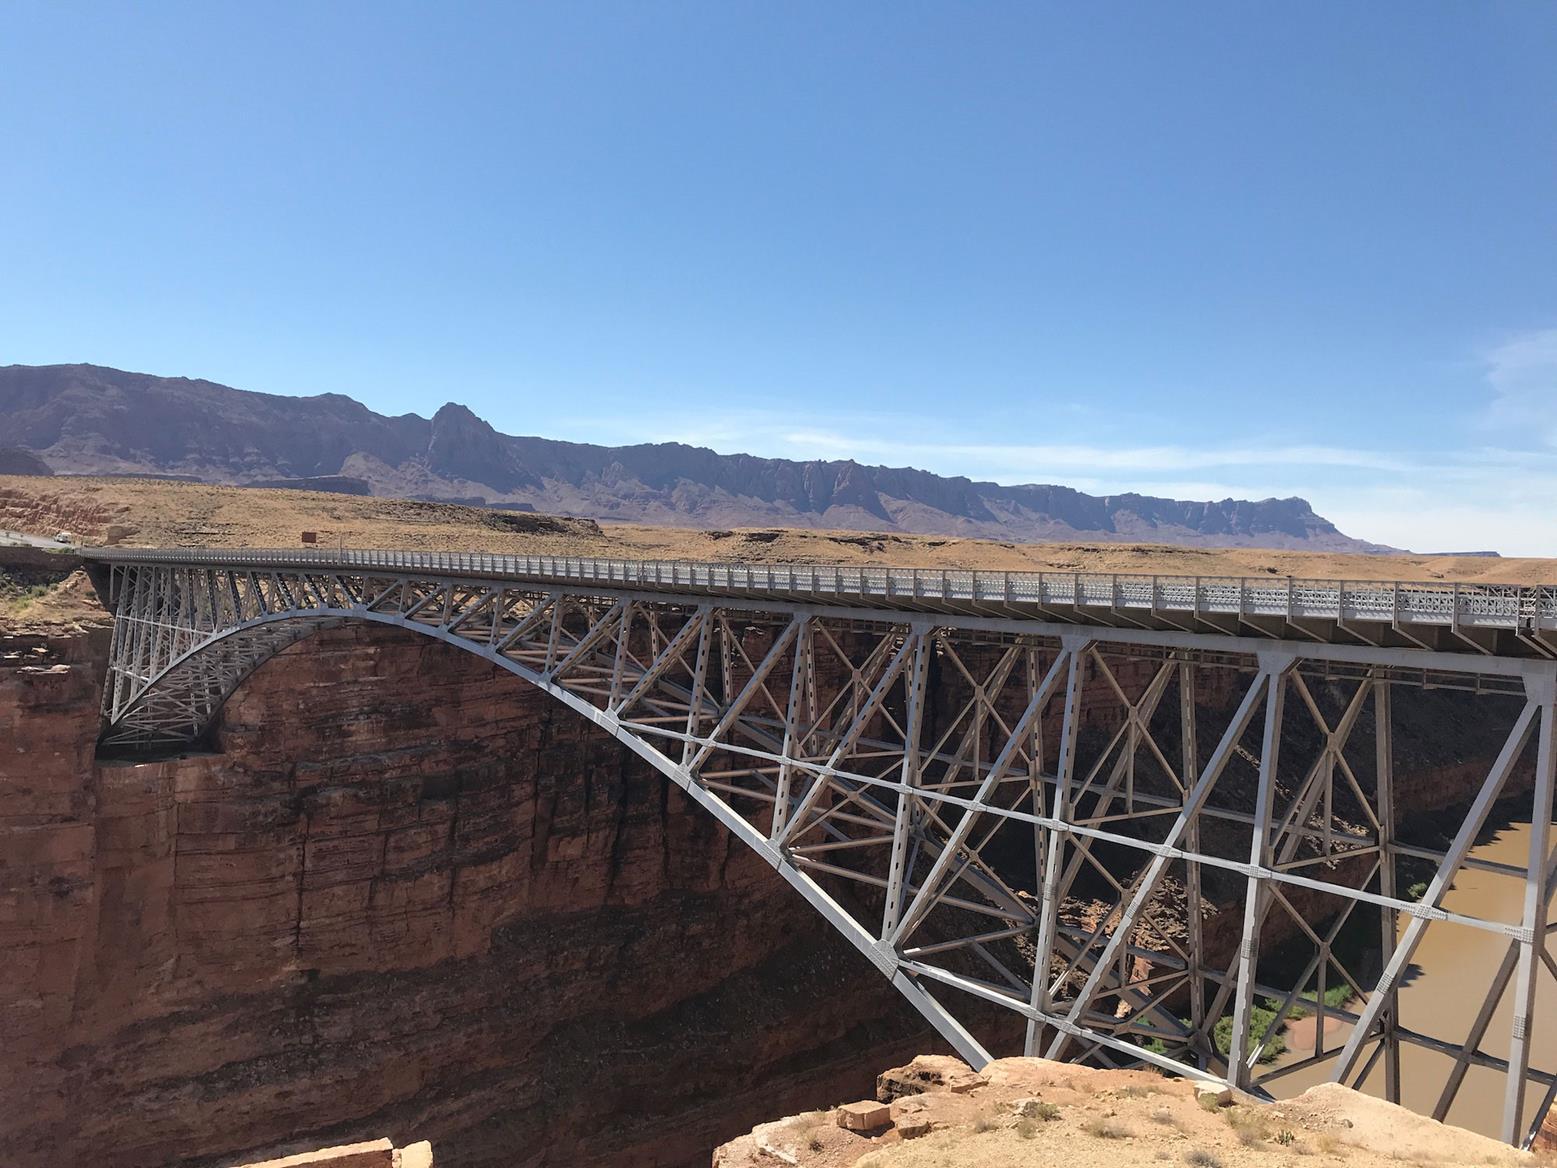 The Navajo Bridge